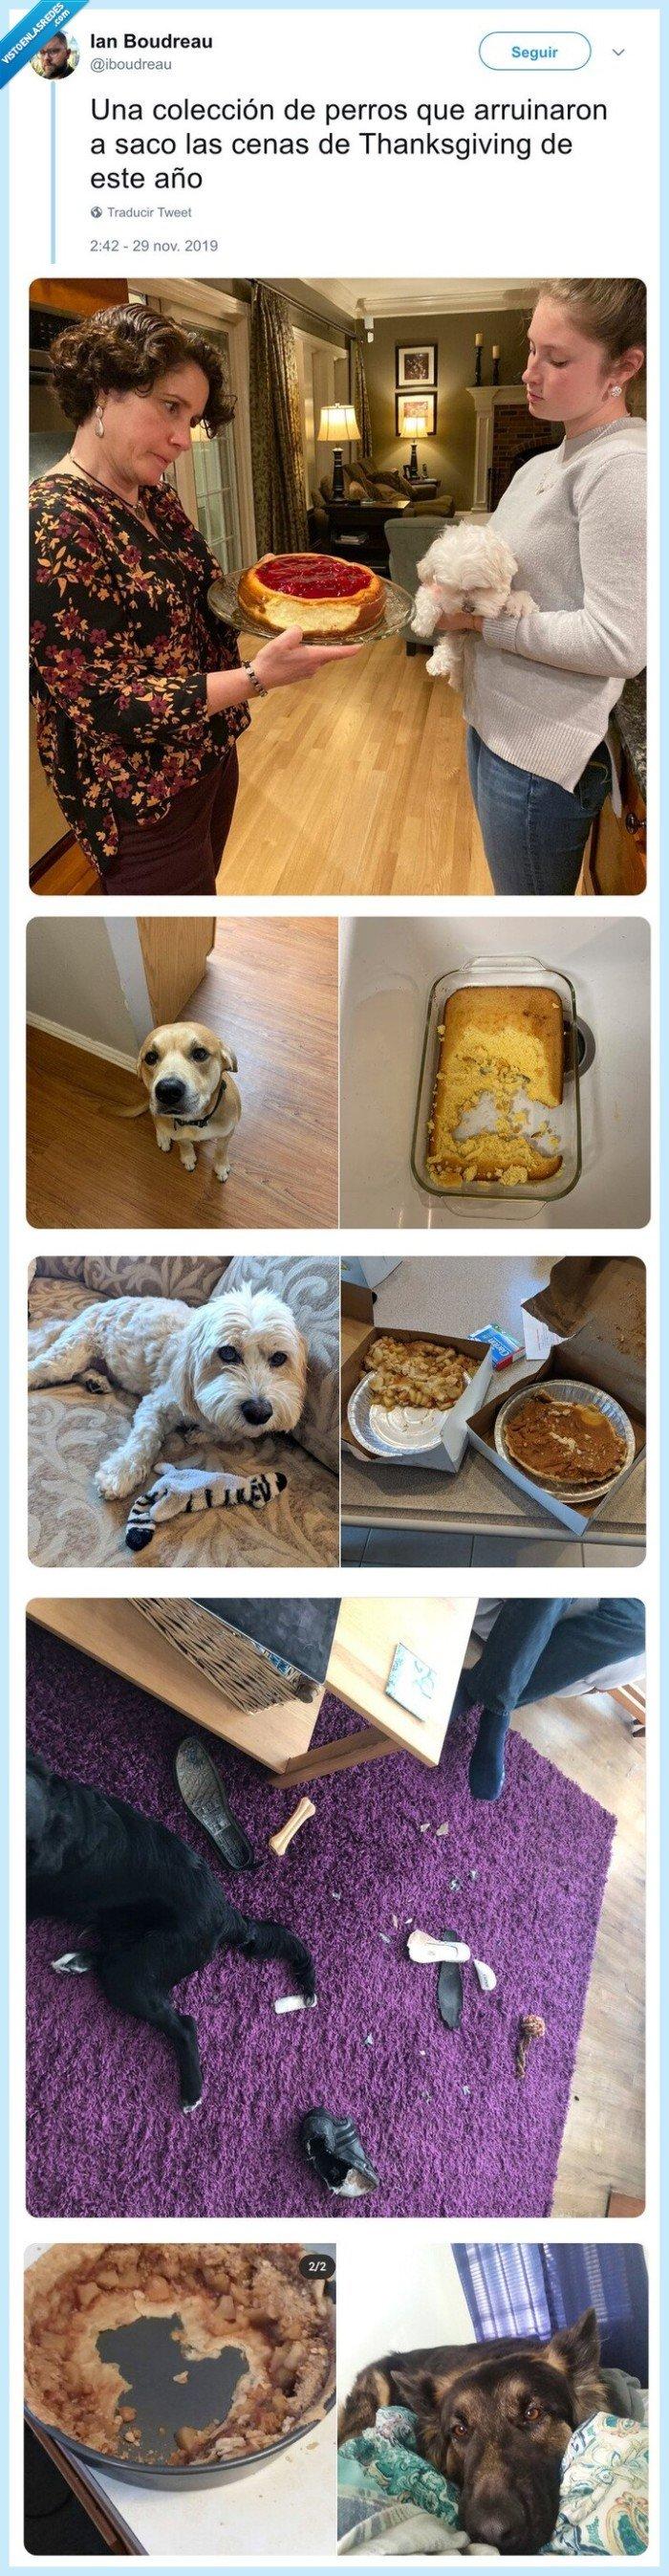 acción de gracias,arruinar,comer,comida,perros,thanksgiving